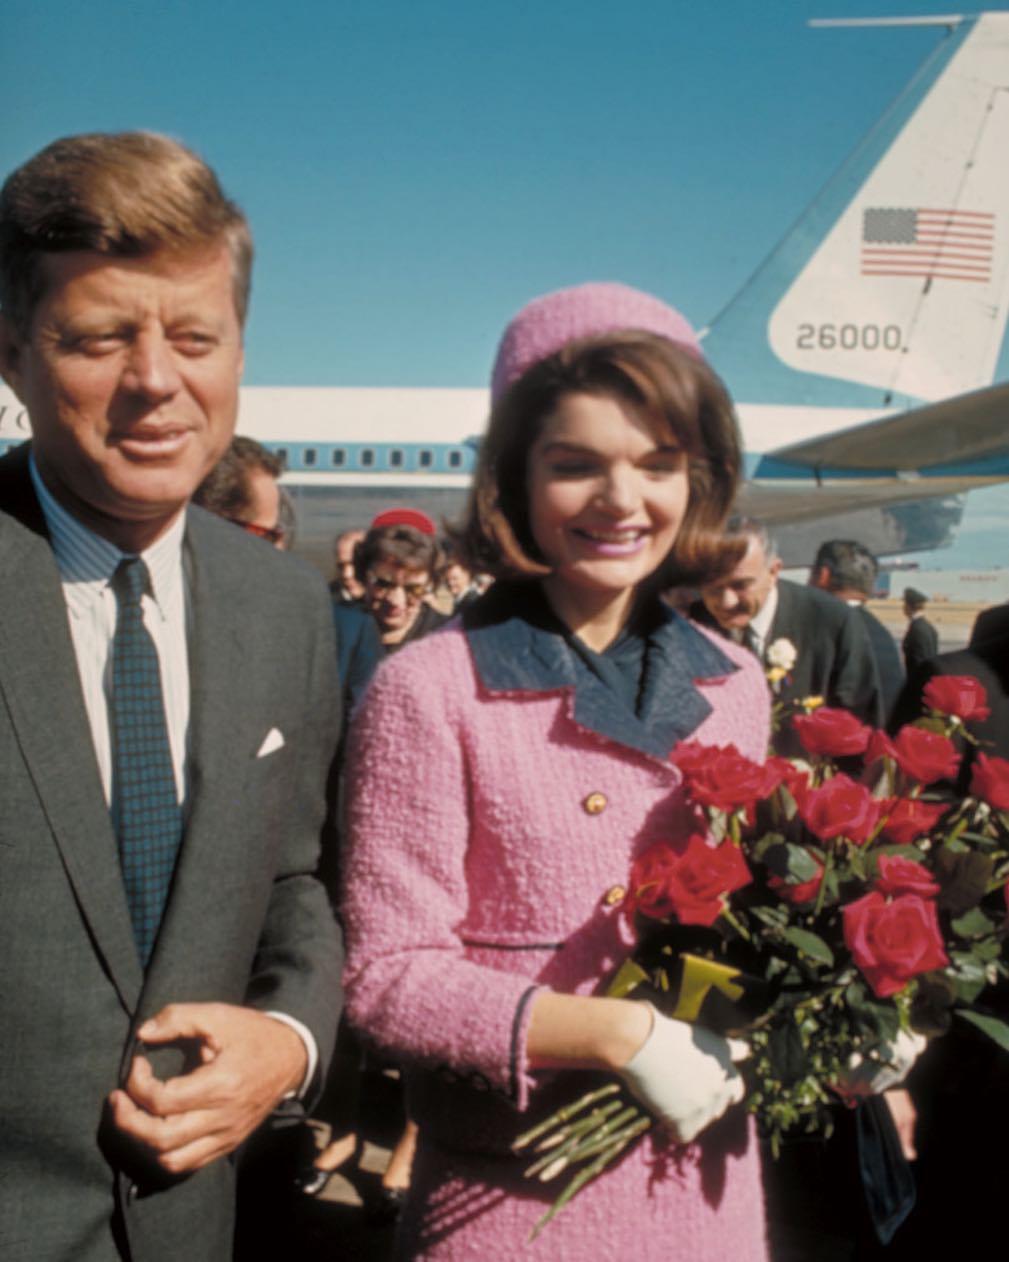 Назад в 60-е: Тренды из прошлого, которые актуальны сегодня-Фото 8